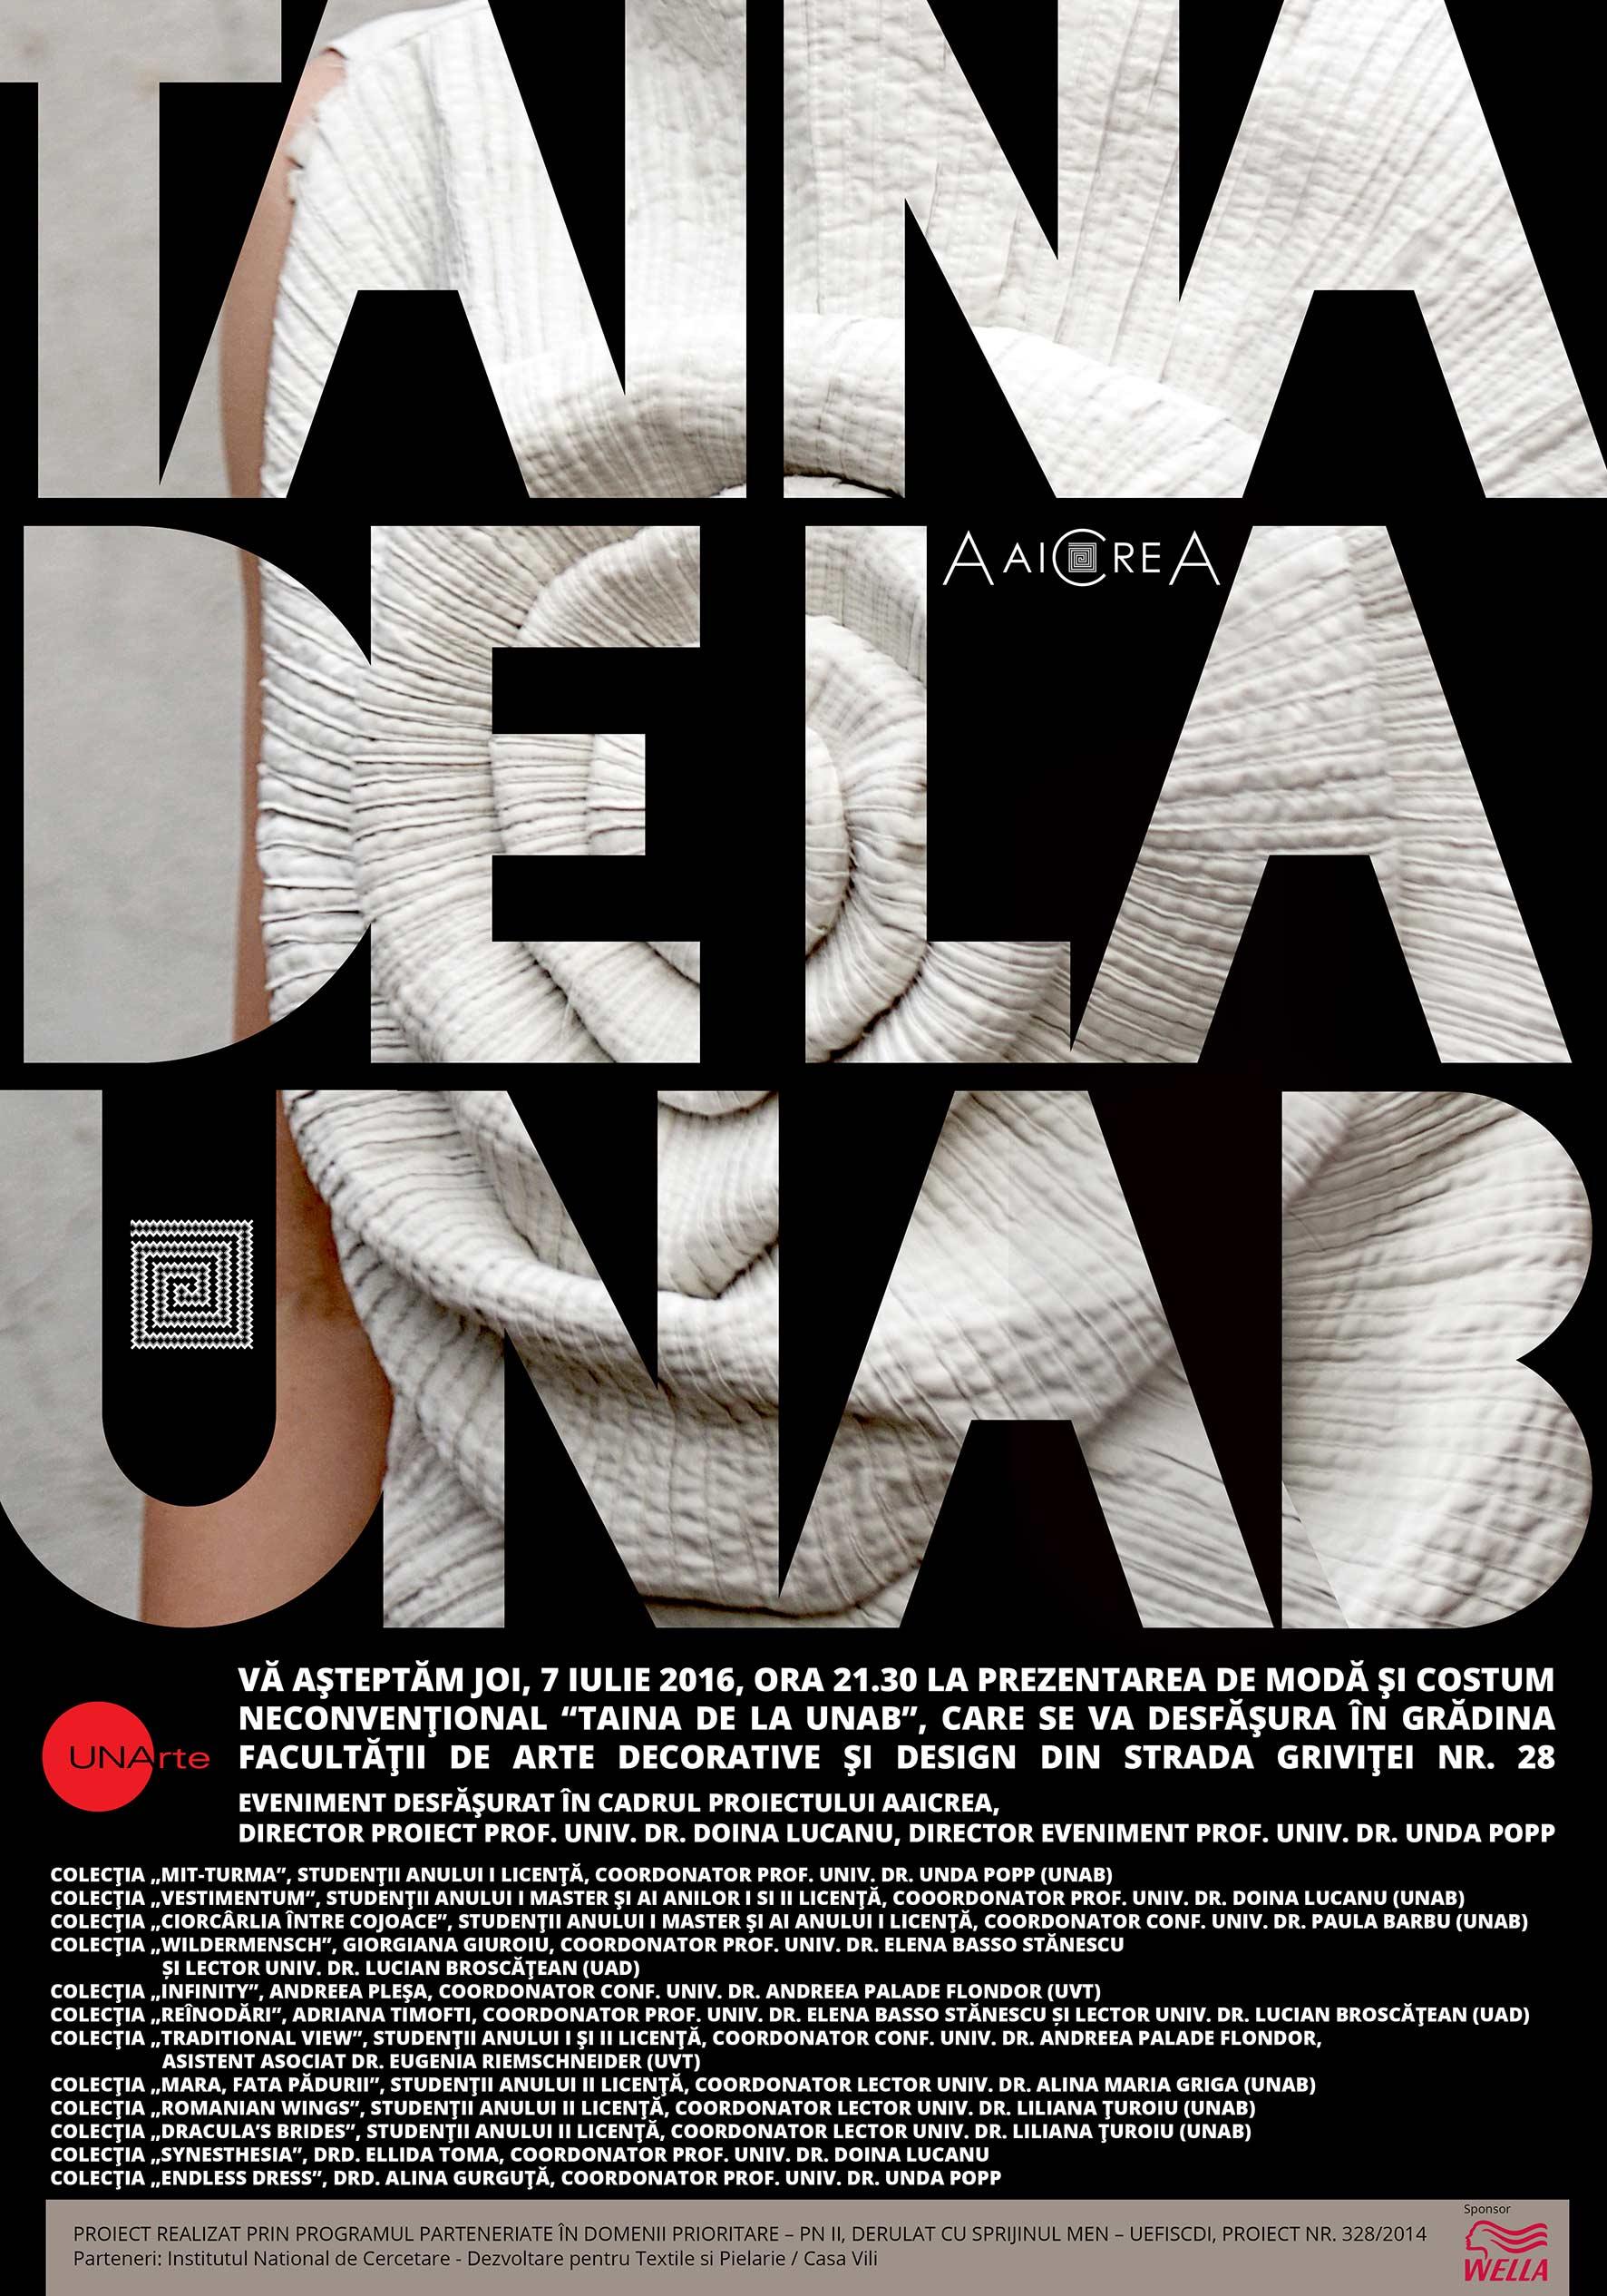 Taina de la UNAB Eveniment de cercetare artistică